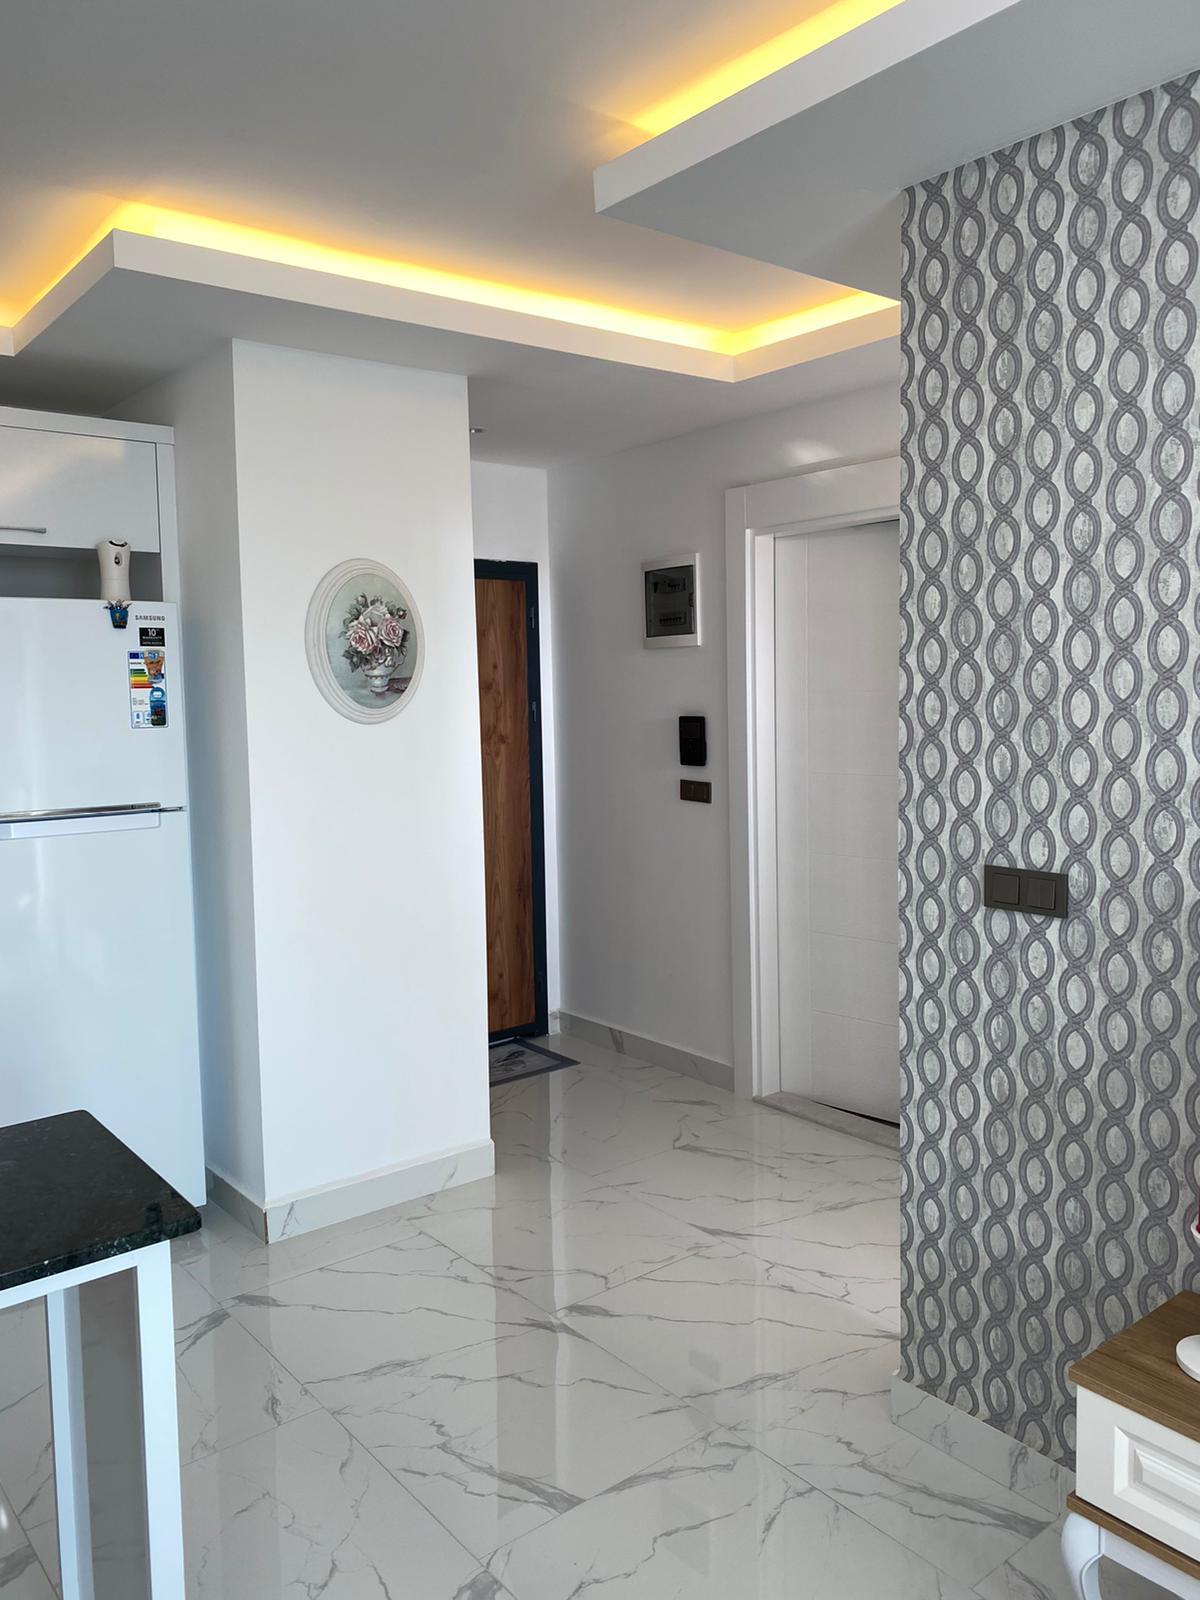 Меблированные апартаменты 1+1 в Махмутларе - Фото 8